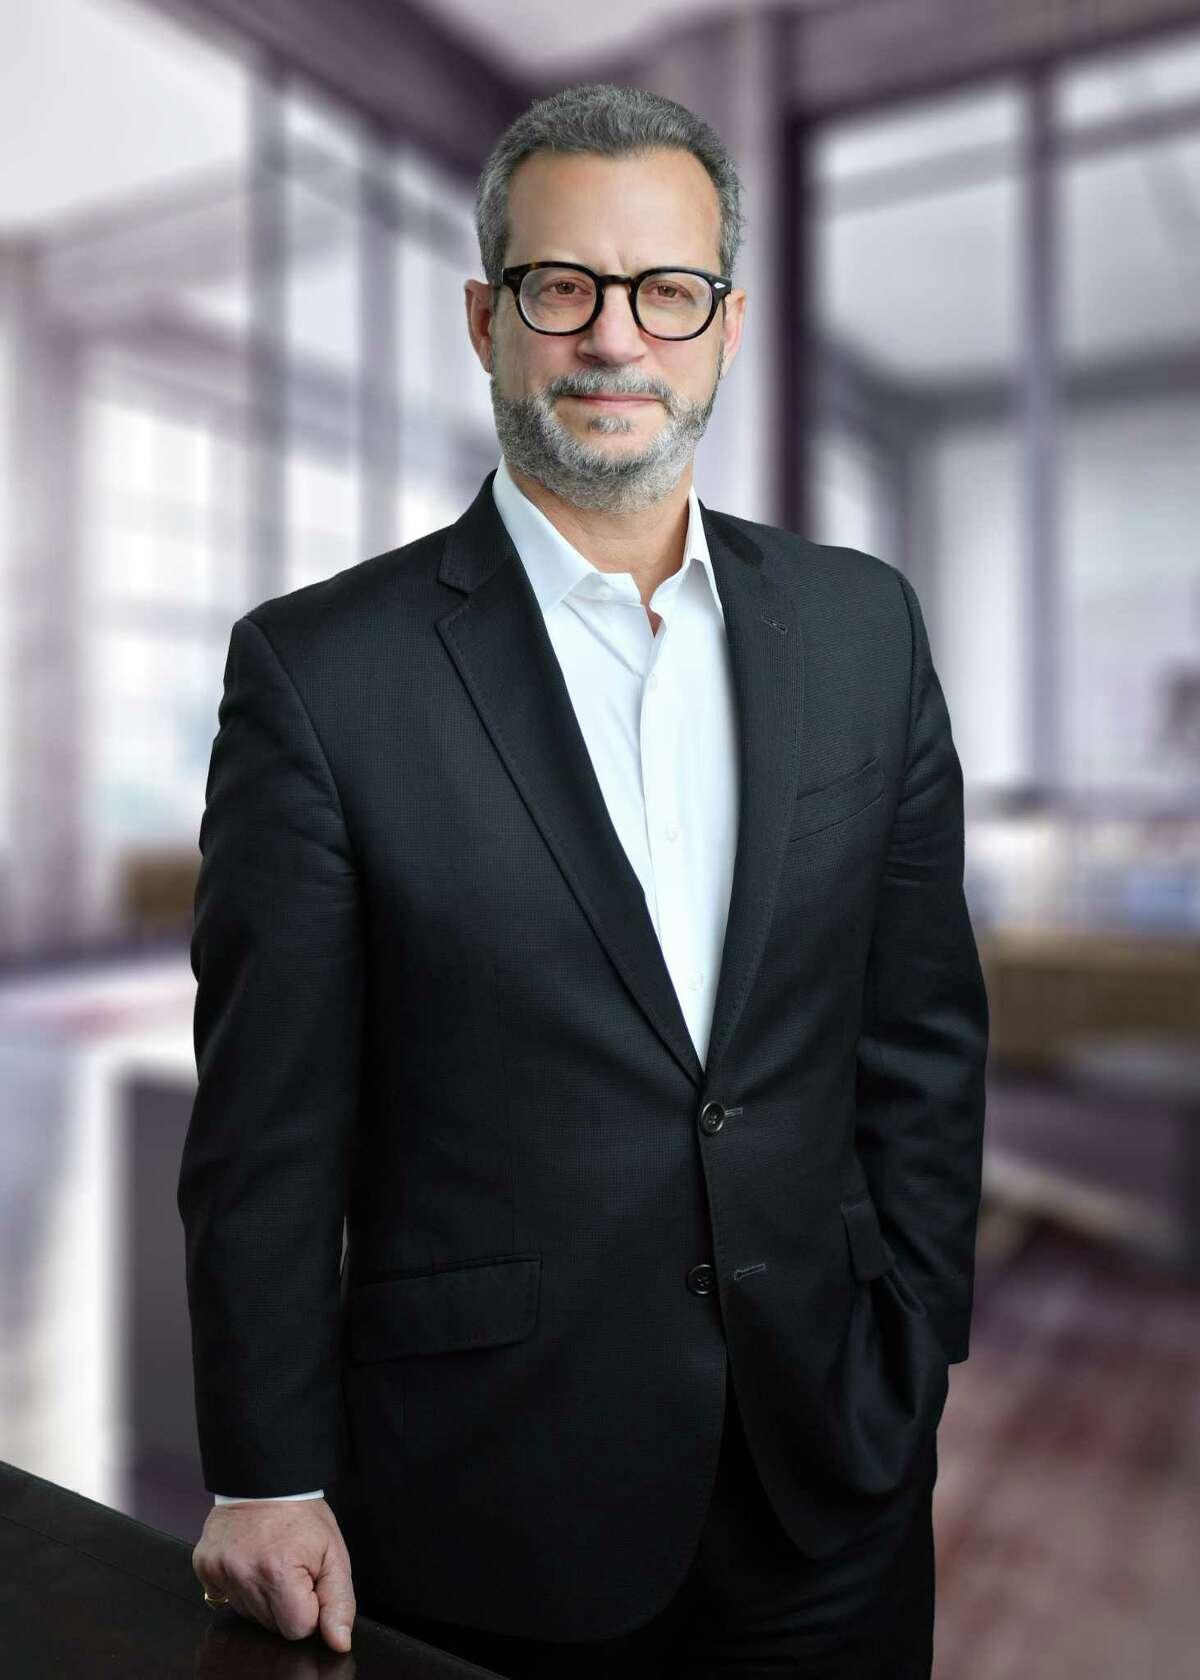 David A. Slossberg